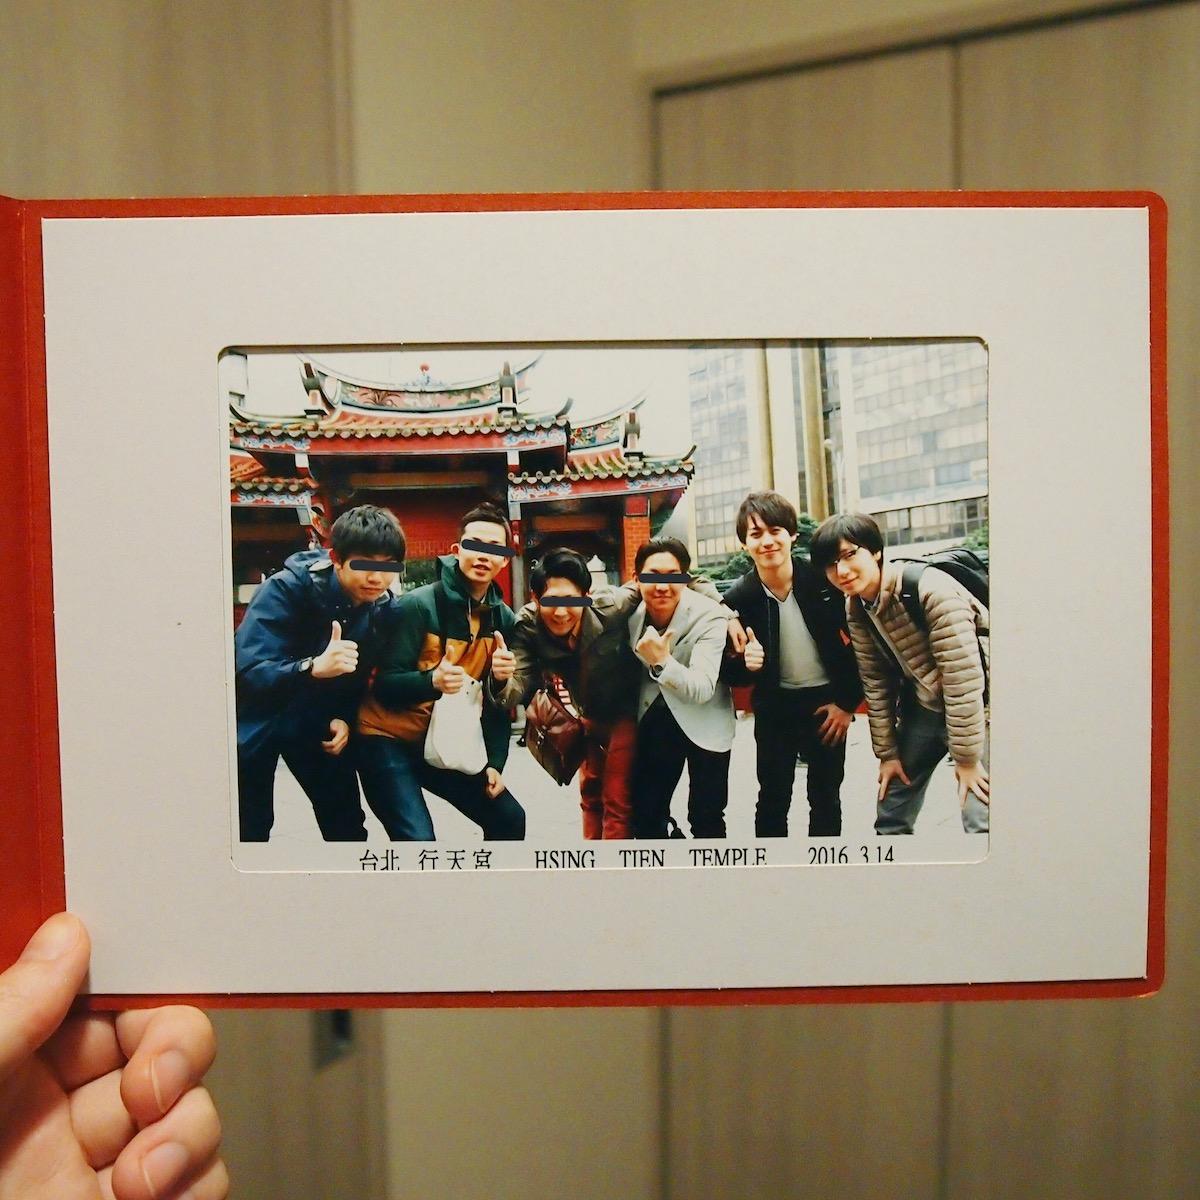 台湾旅行の集合写真